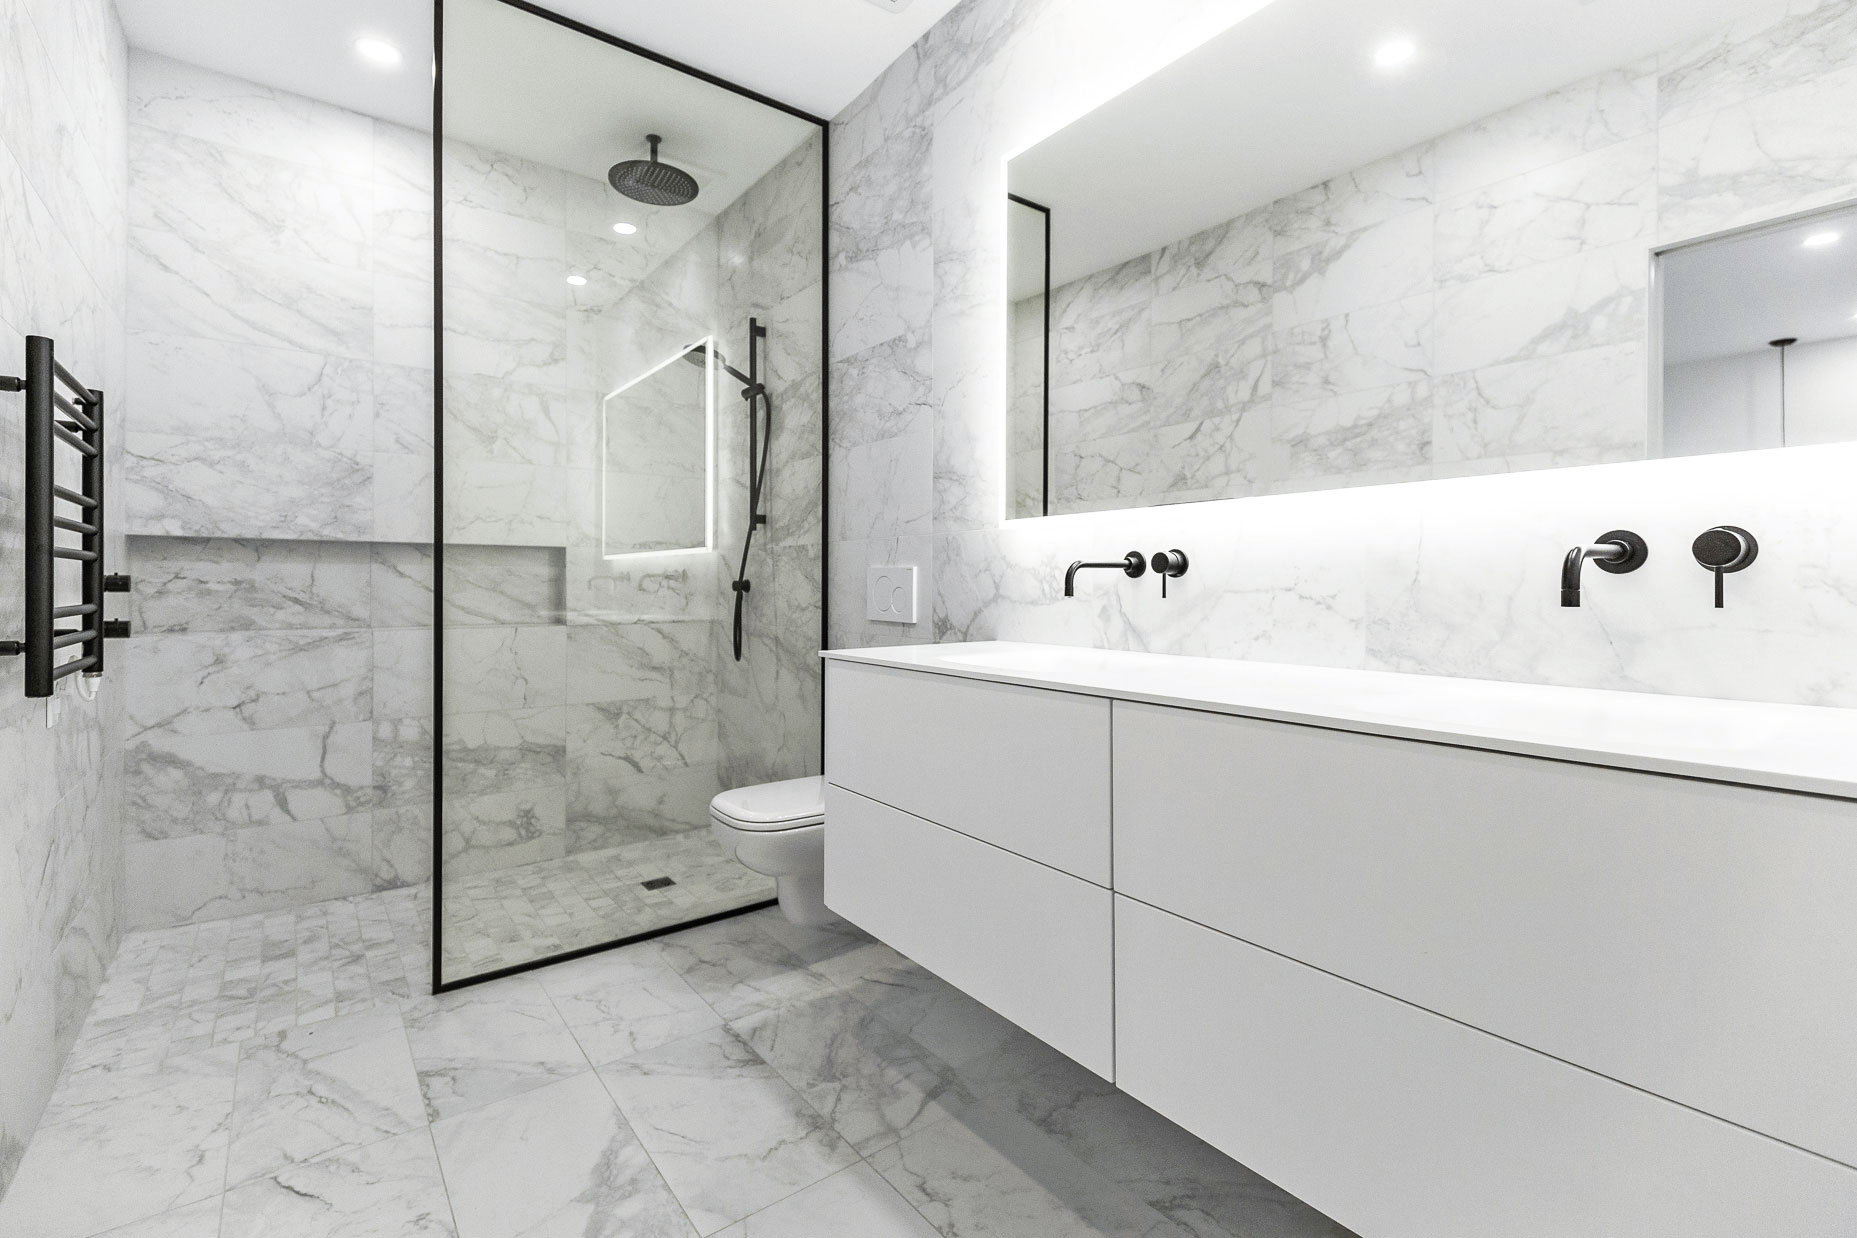 Vanité salle de bain des maitres, thermoplastique blanc satiné